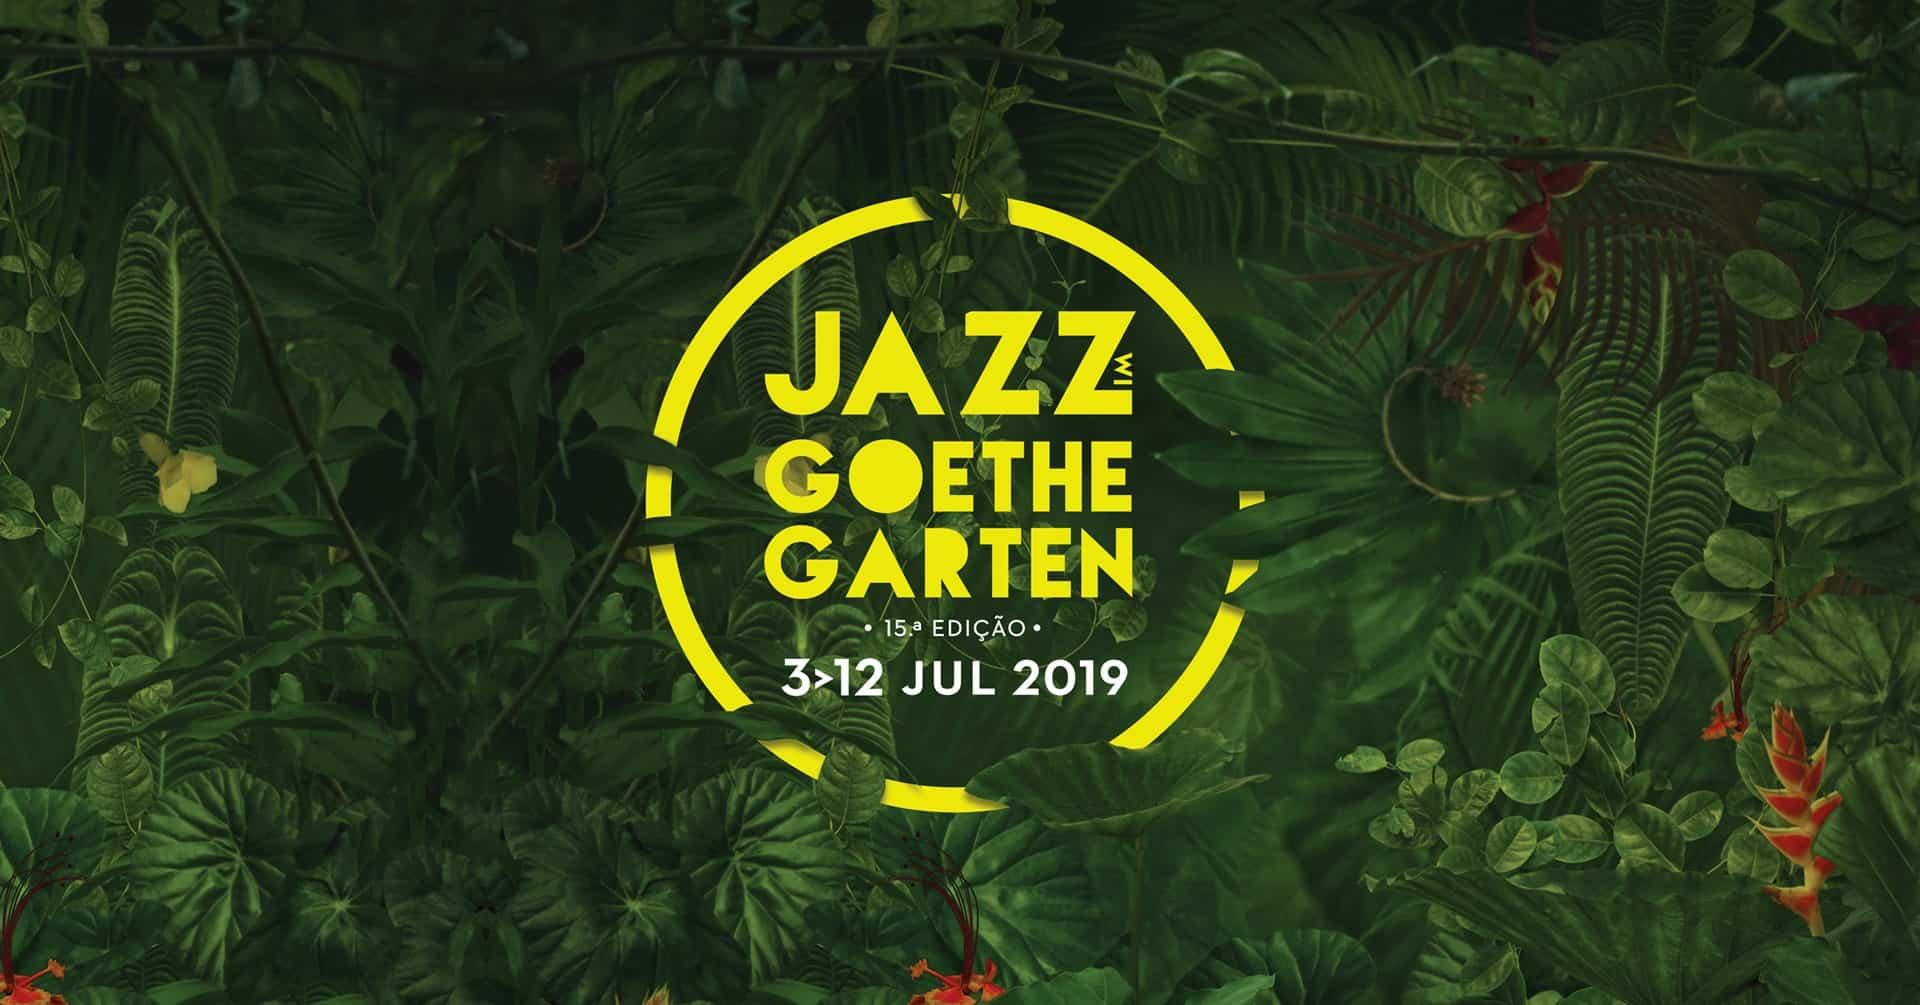 Em 2019 oJazz im Goethe-Garten(JiGG) celebra o seu 15º aniversário. De 3 a 12 de julho, oJiGG2019 traz seis concertos seletivos cujos autores-músicos se têm destacado numa realidade sem dúvida mais alternativa de um jazz da Europa cada vez mais diversificado.